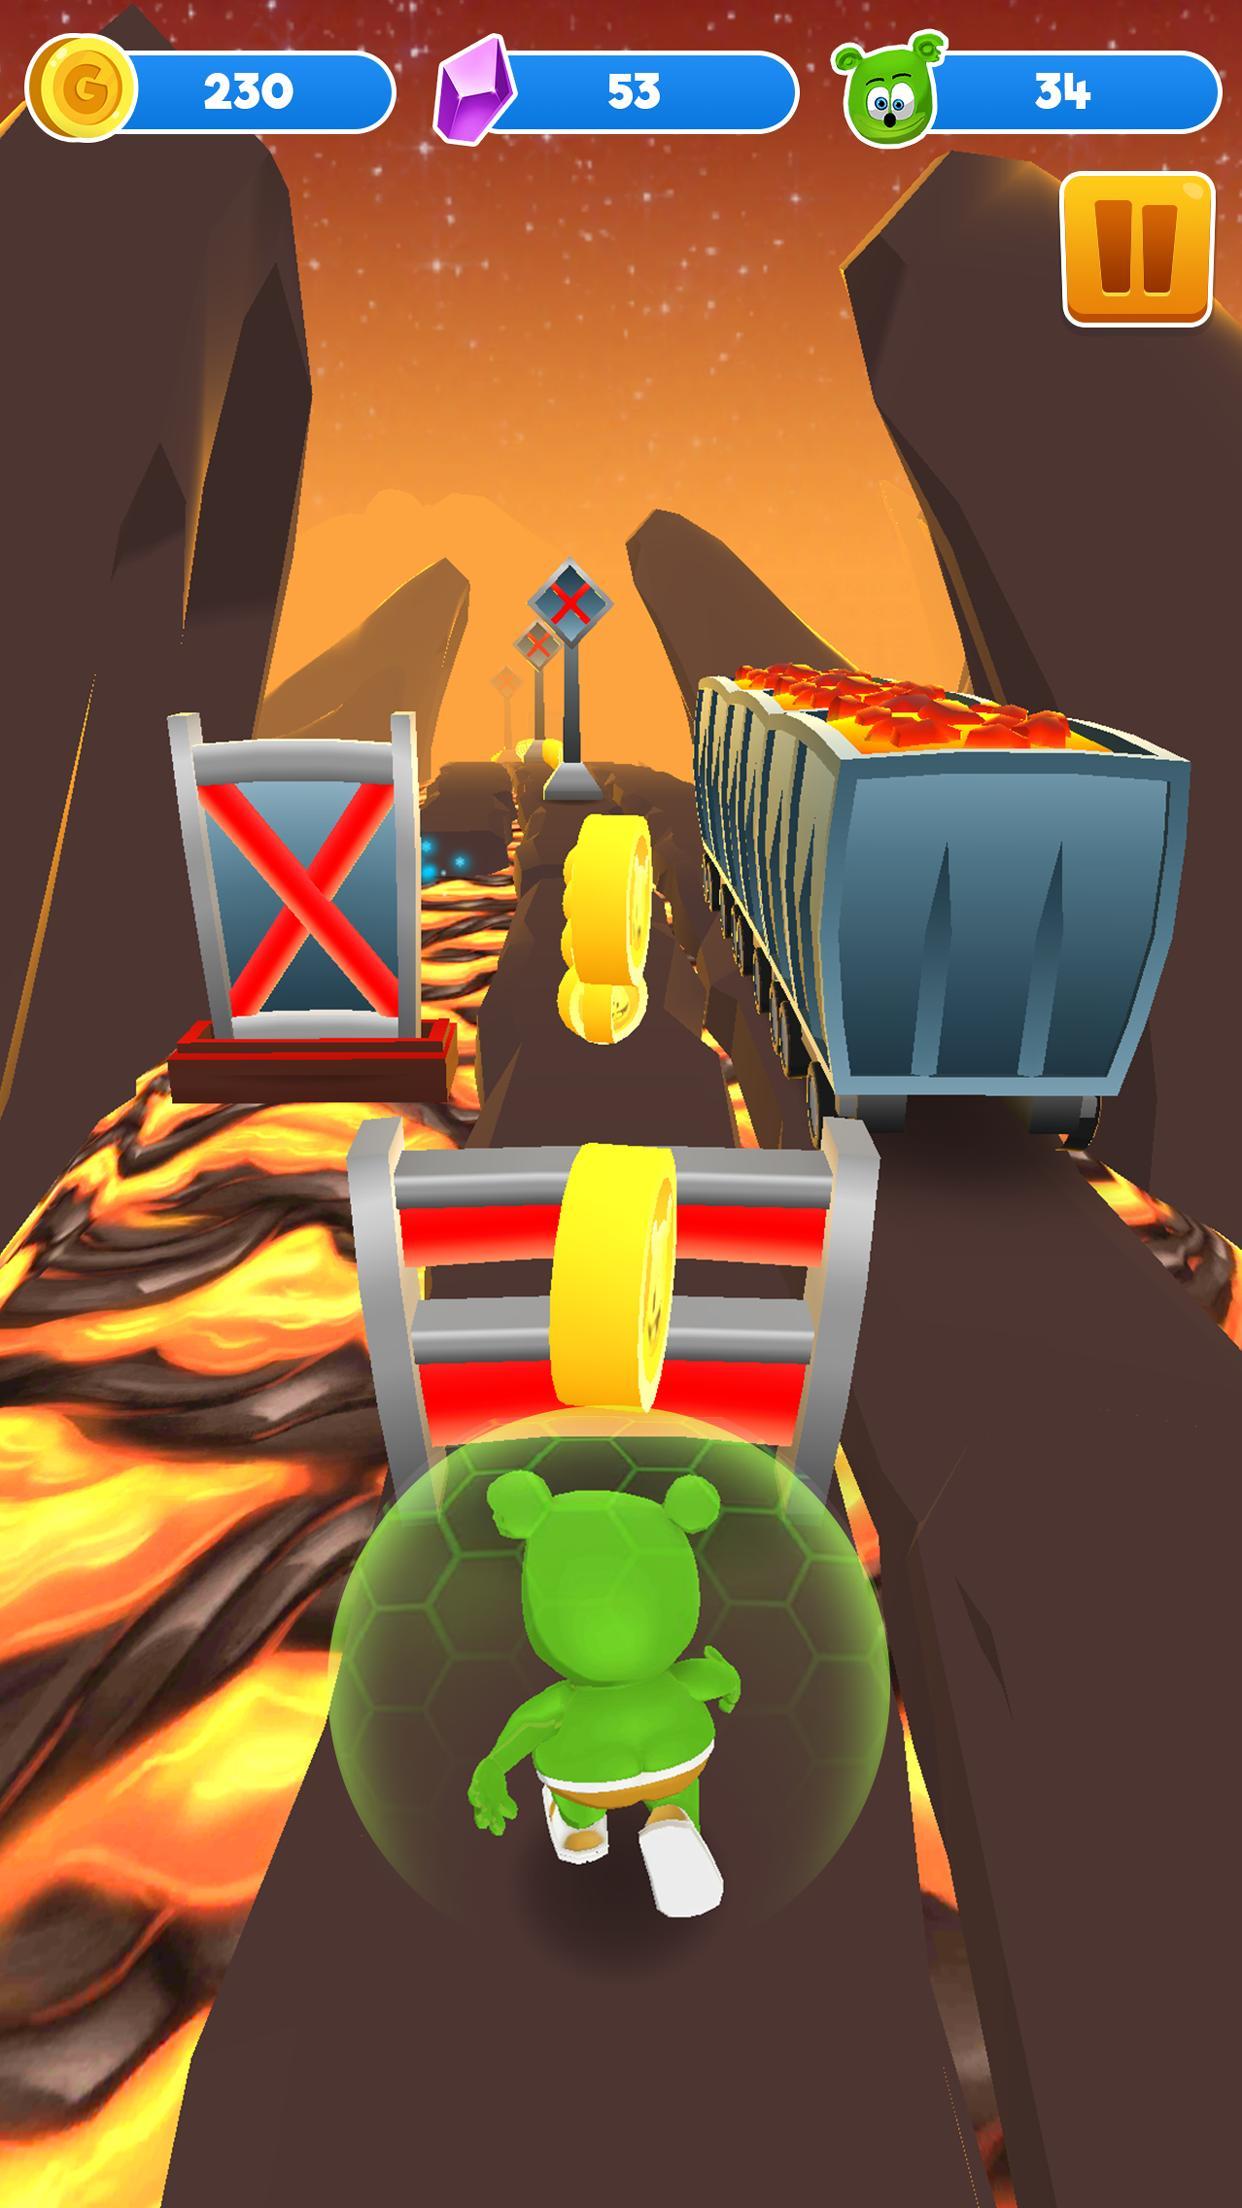 Gummy Bear Running - Endless Runner 2020 1.2.10 Screenshot 9